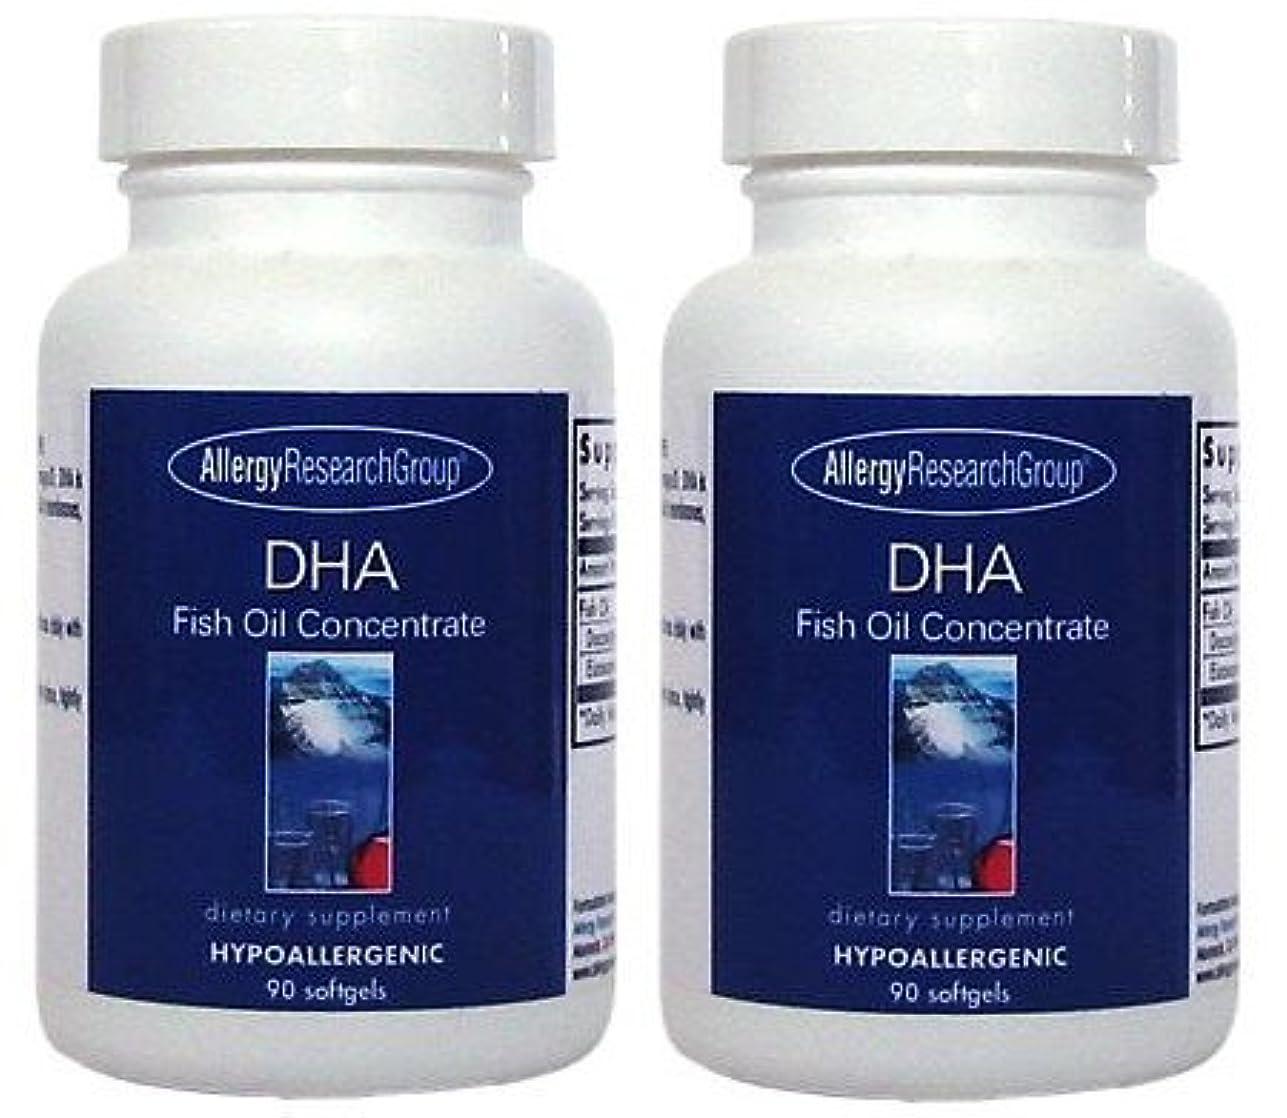 マイルストーン美しい手綱DHA & EPA (DHA Fish Oil Concentrate 90 Softgels ) [海外直送品] 2ボトル